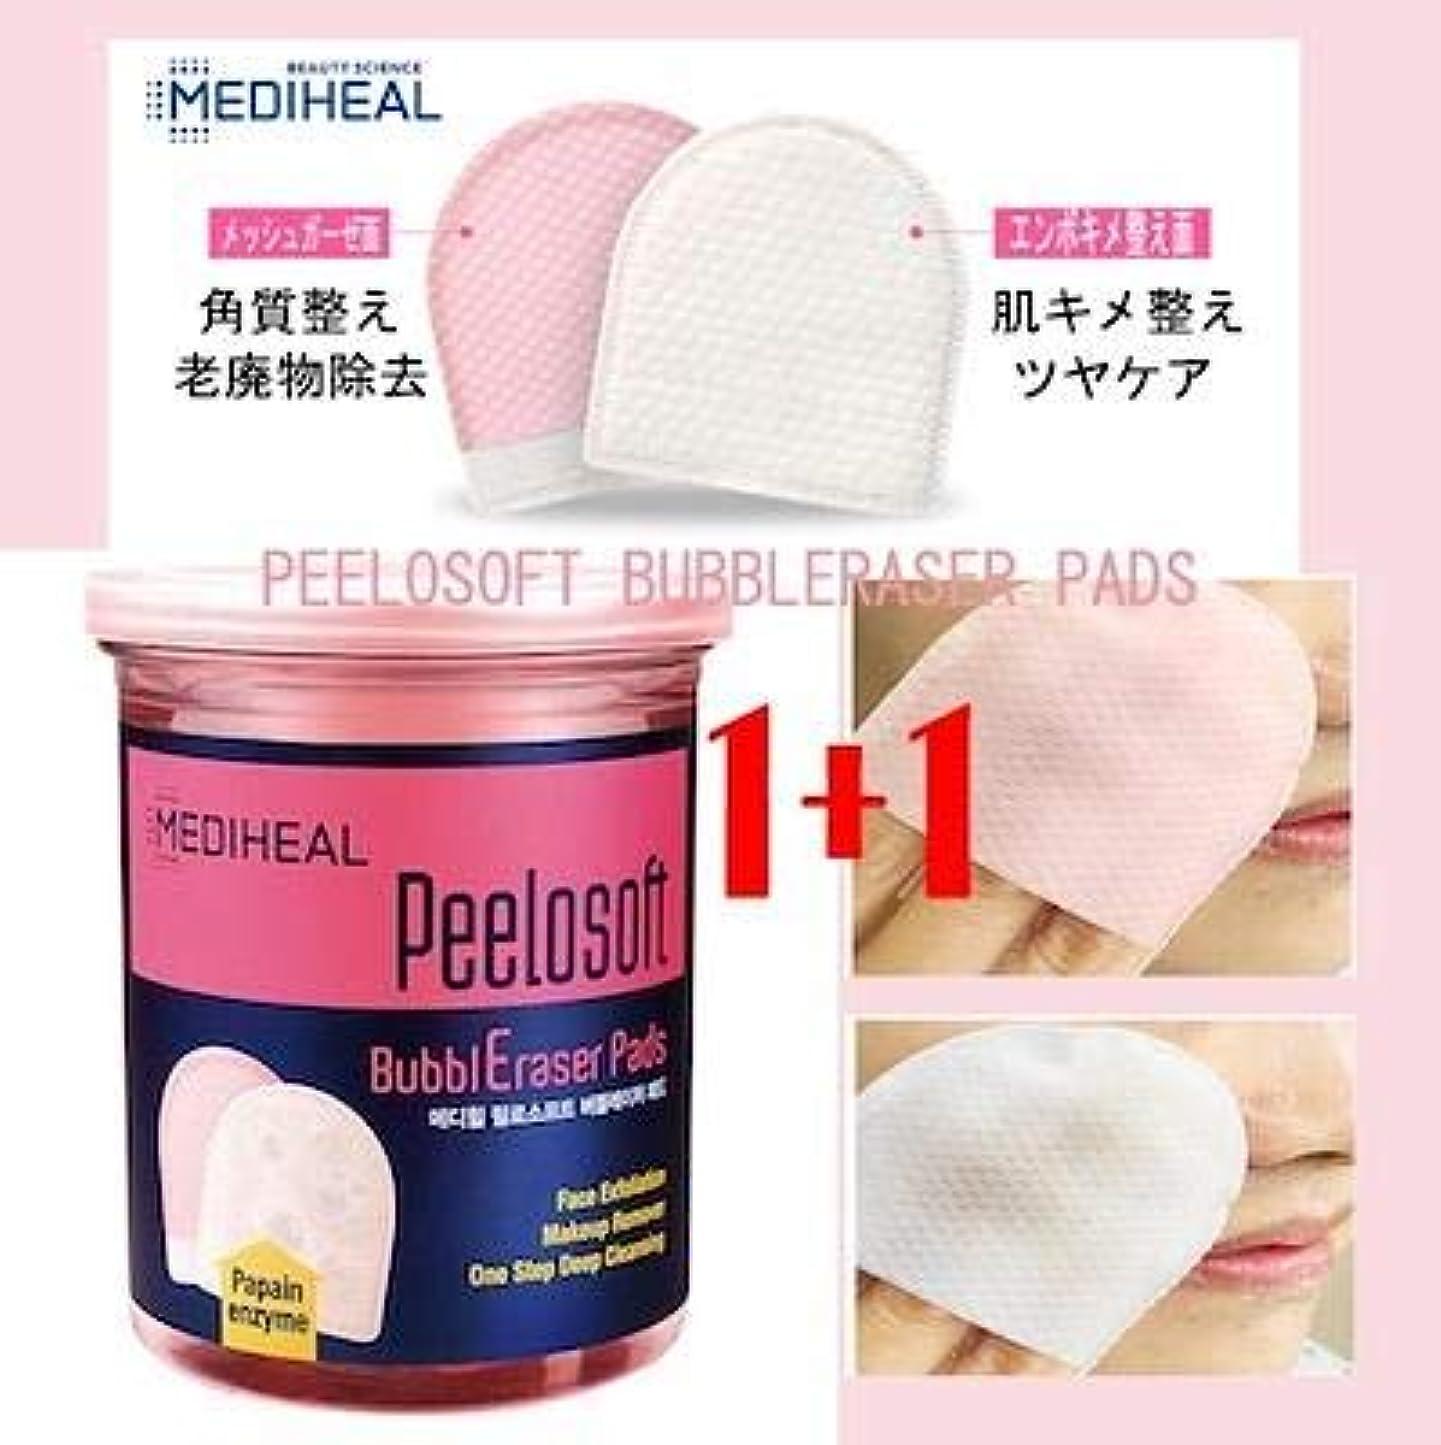 シャンパンロバインディカ[MEDIHEAL] 1+1 メディヒール Peelosoft BubblEraser Pads ピローソフト バブルレーザー パッド [20枚+ 20枚]